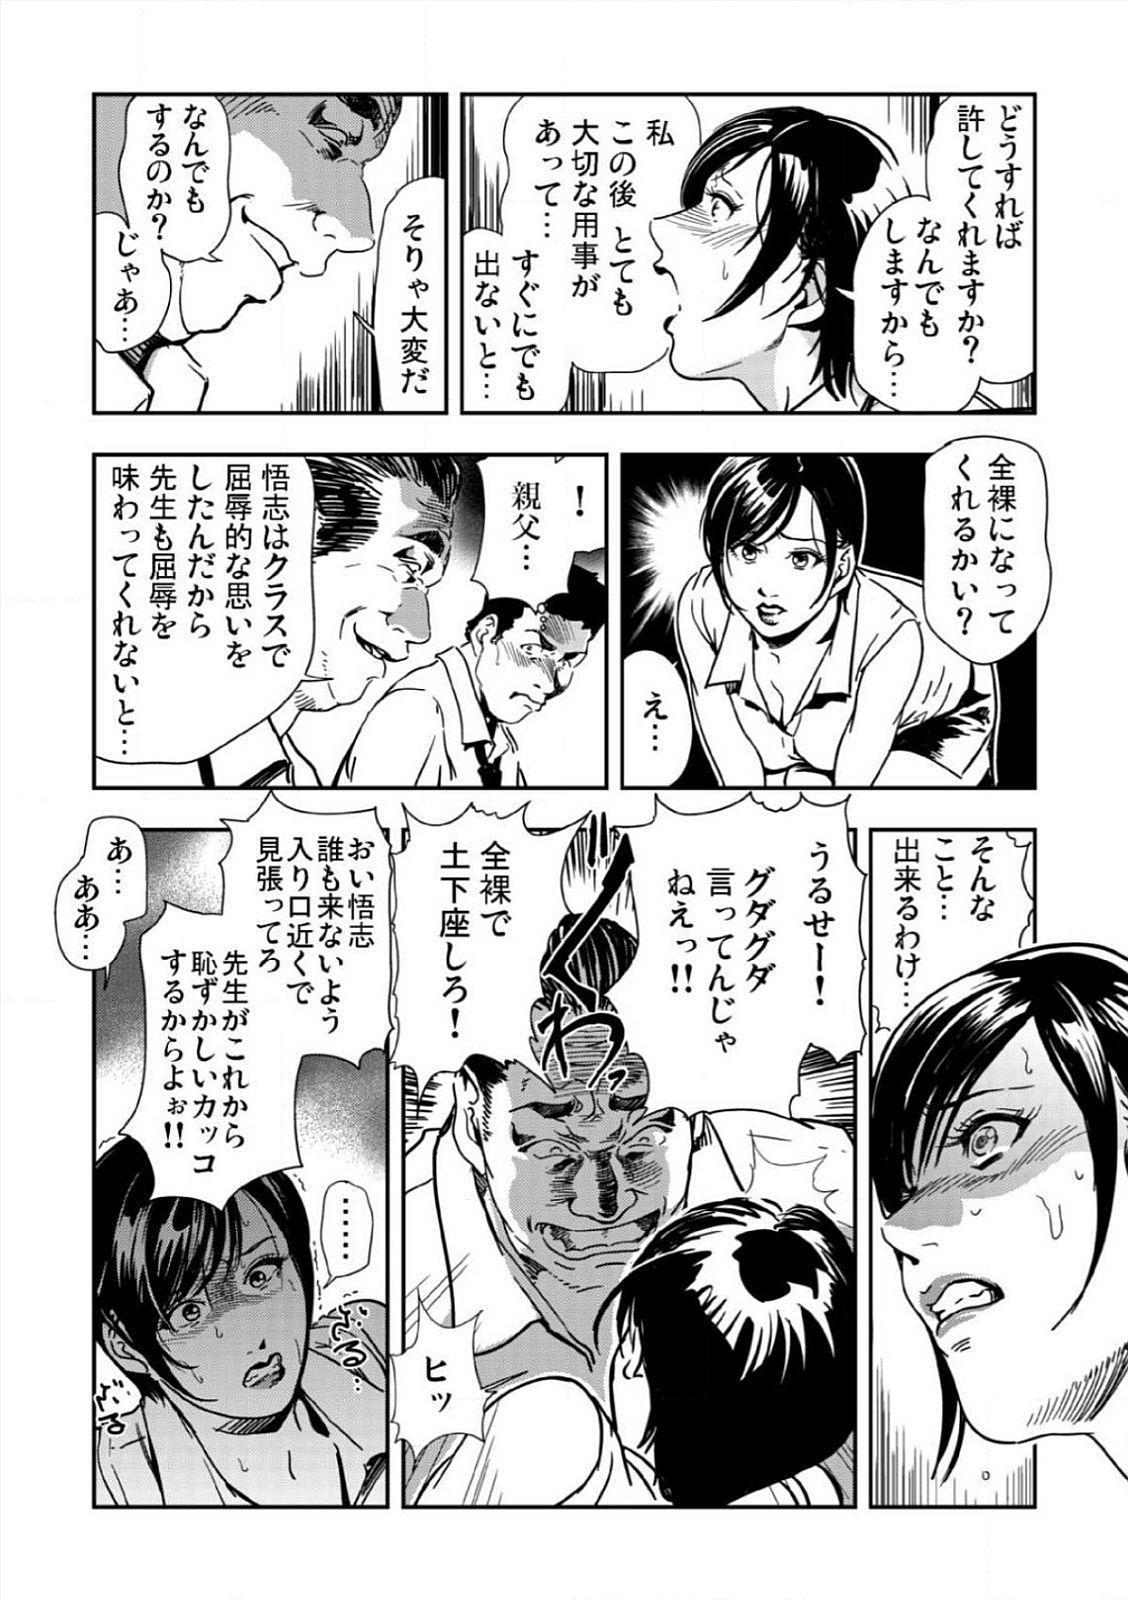 [Misaki Yukihiro] Kyousei Shidou ~Mechakucha ni Kegasarete~ (1)~(6) [Digital] 147